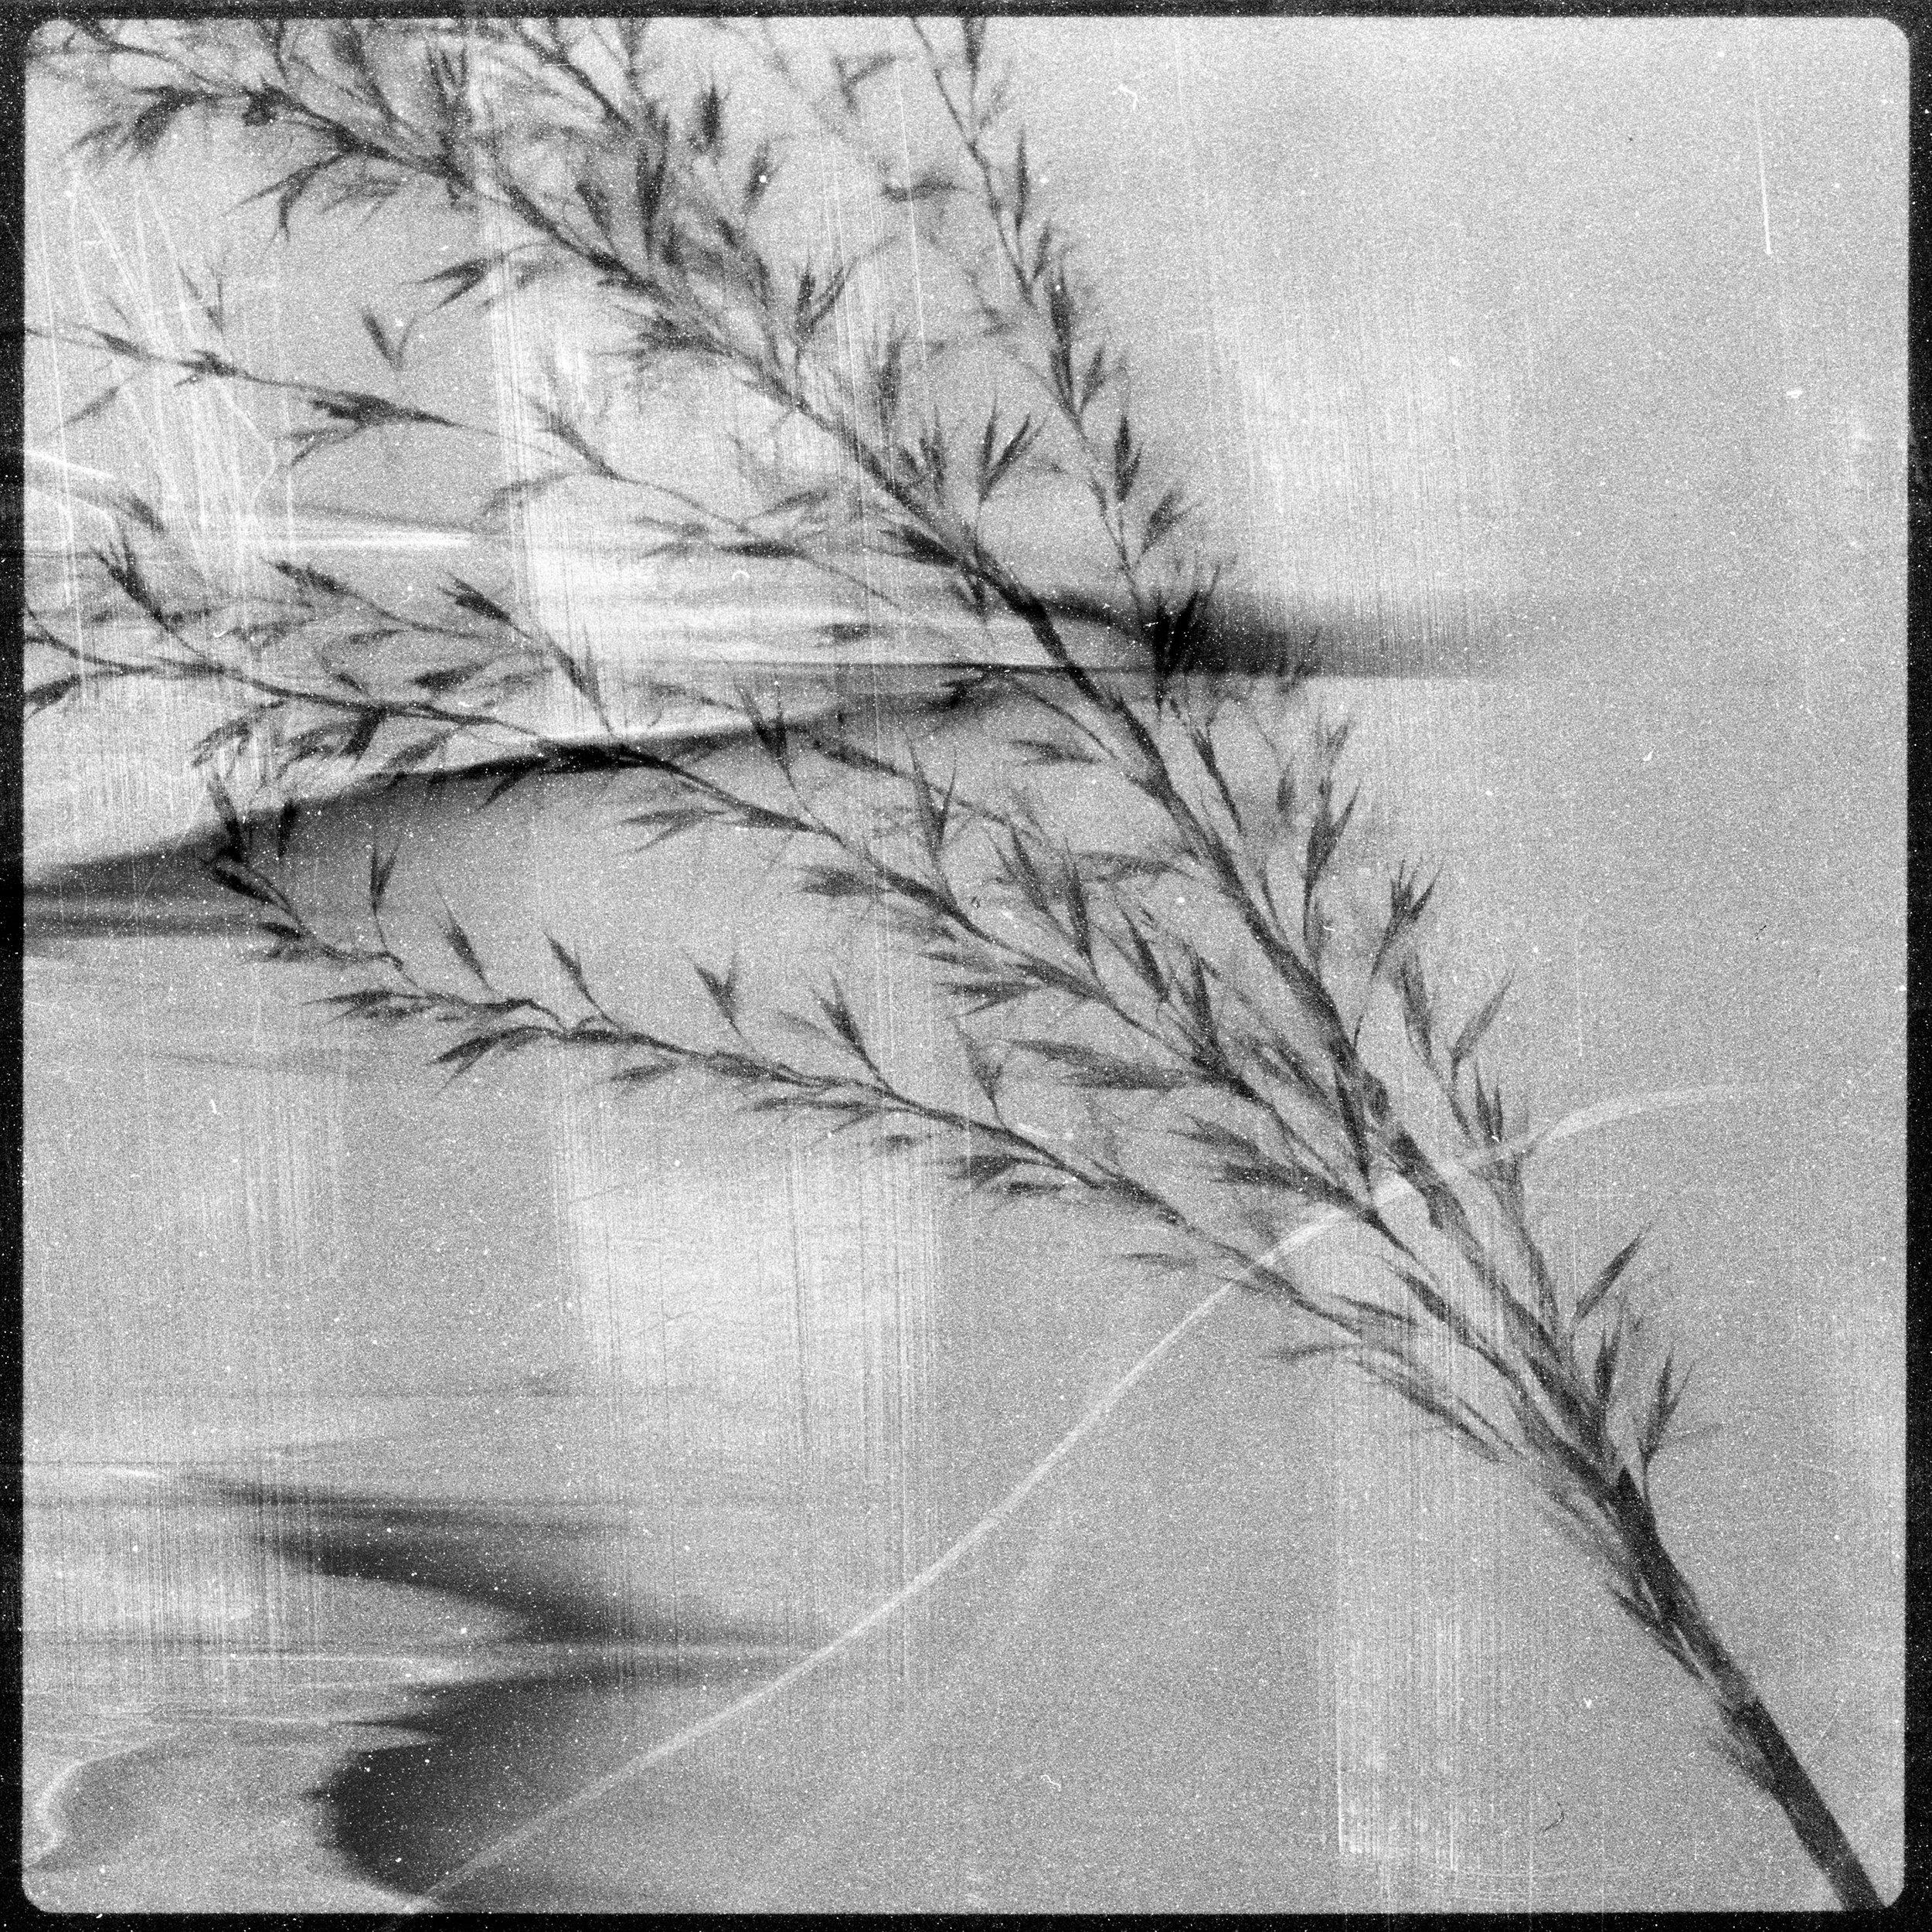 FLOWERS_020.jpg